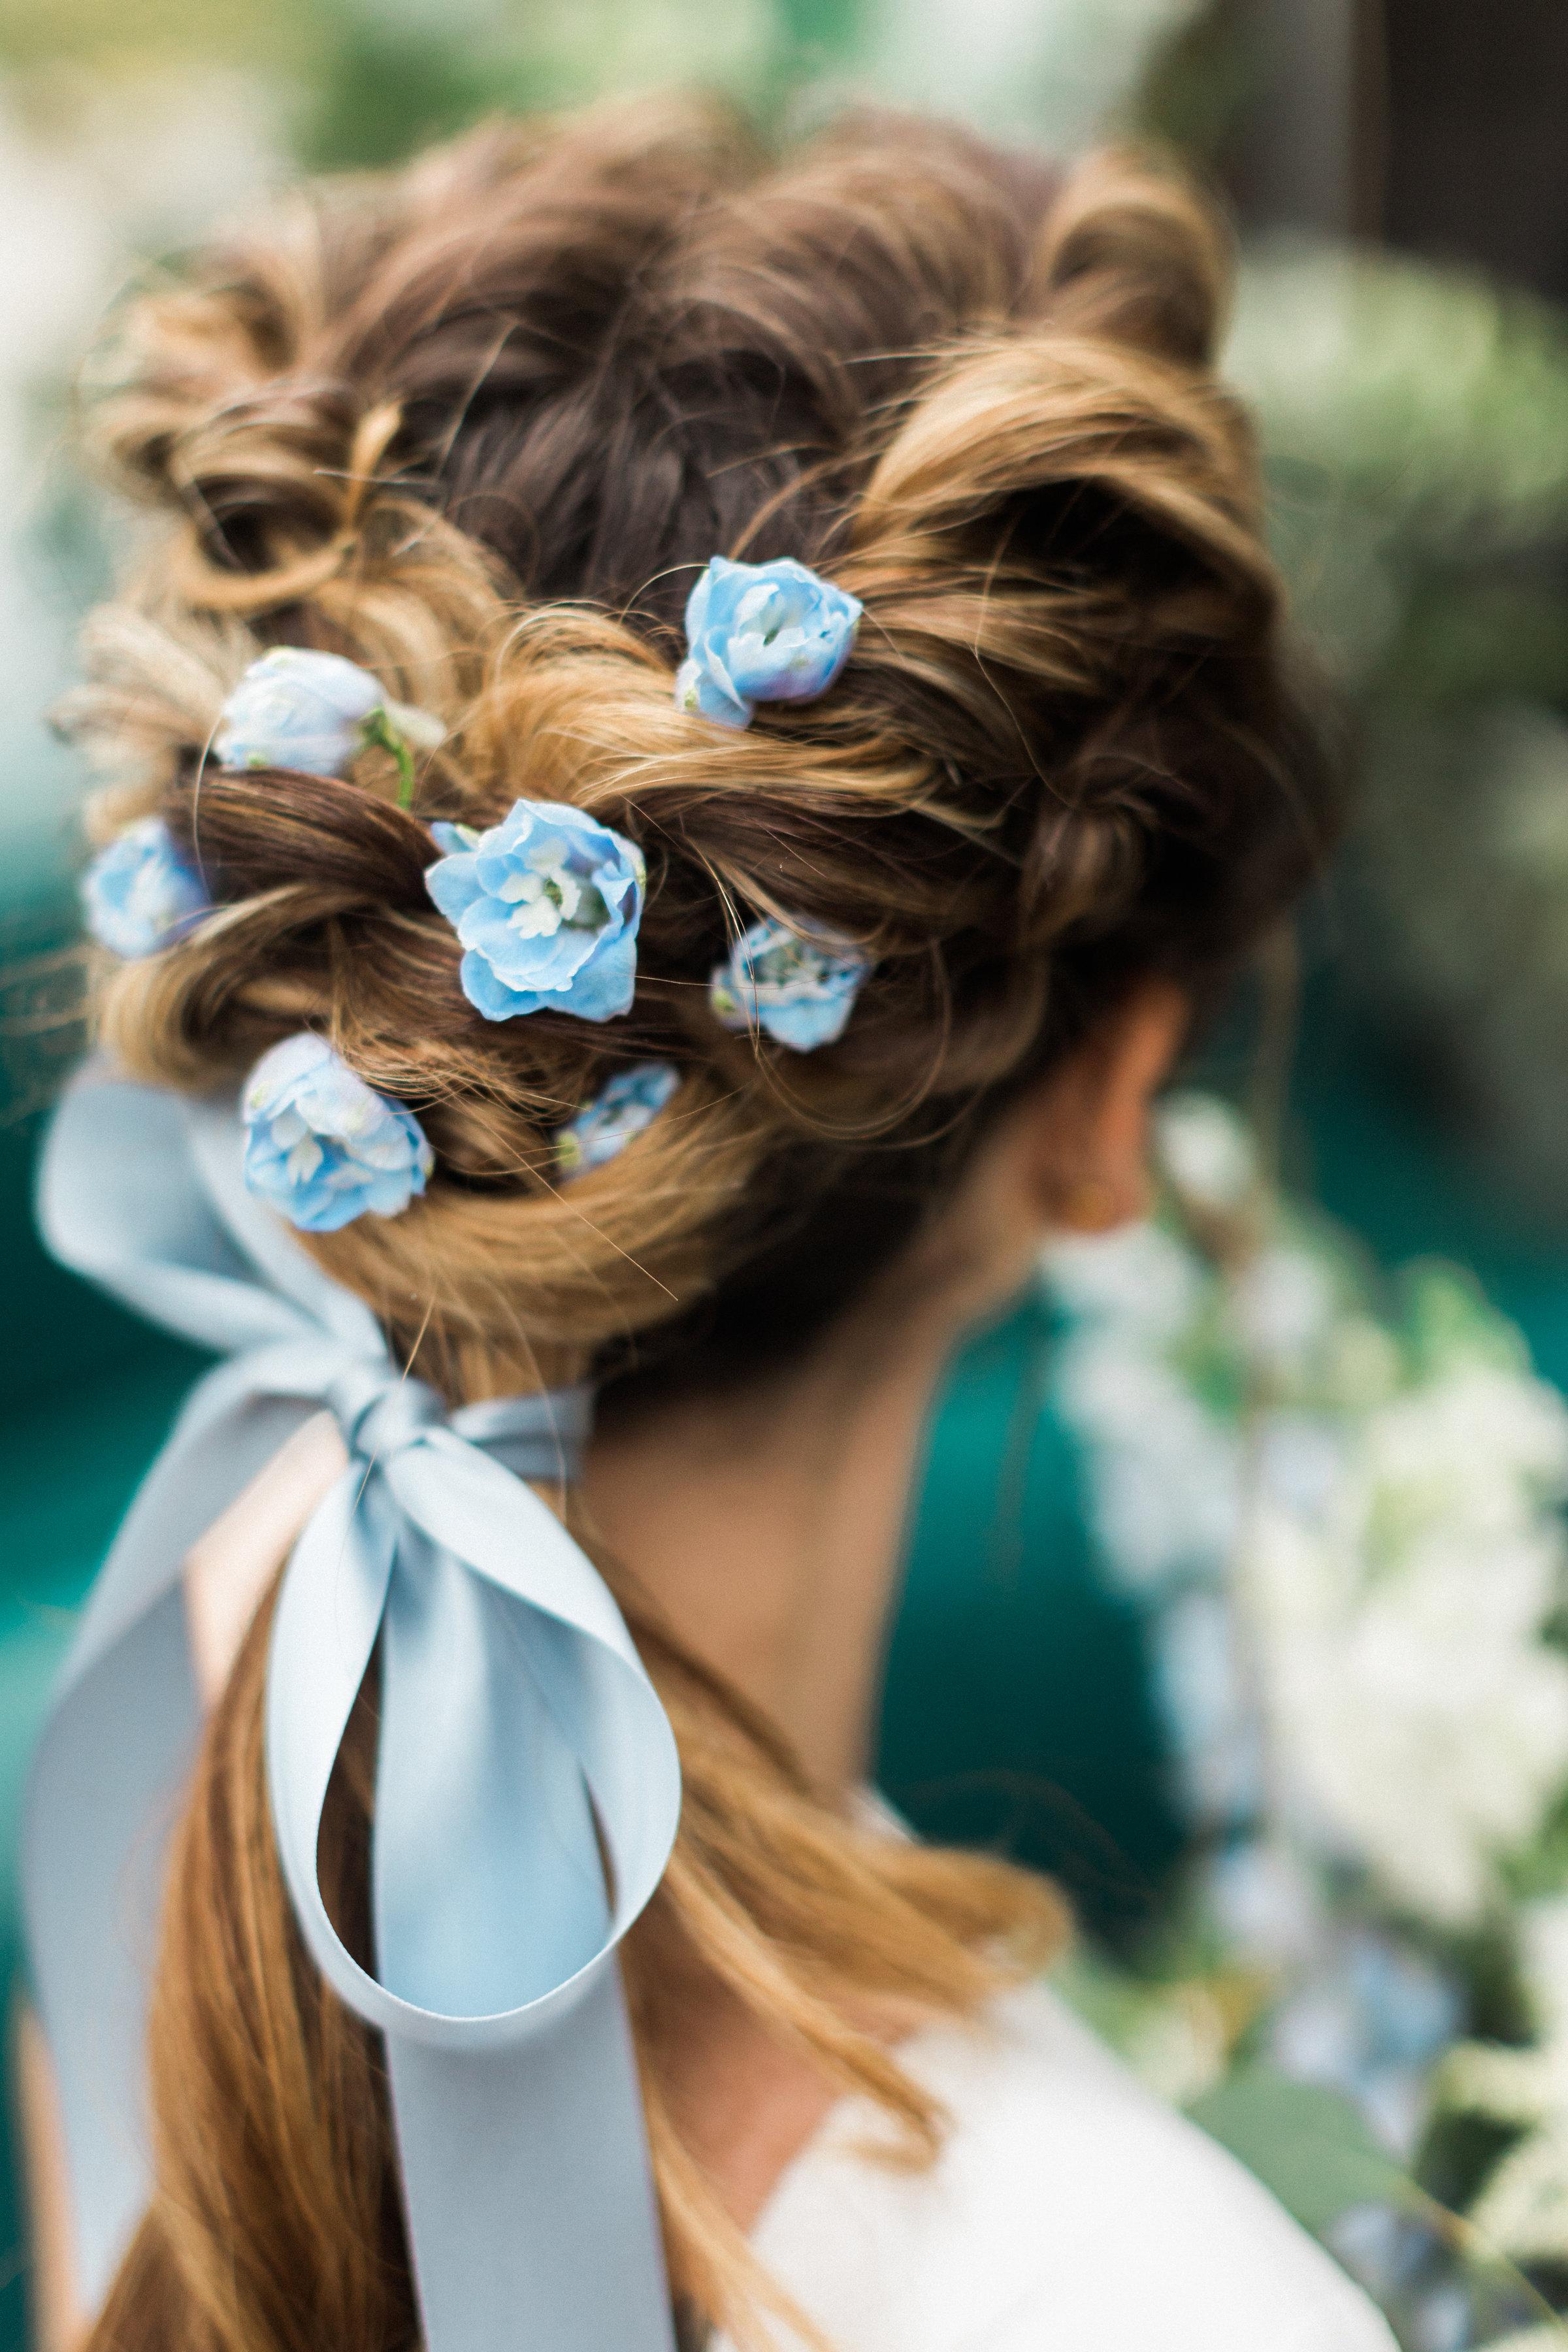 Lyons-Events-Wedding-Braid